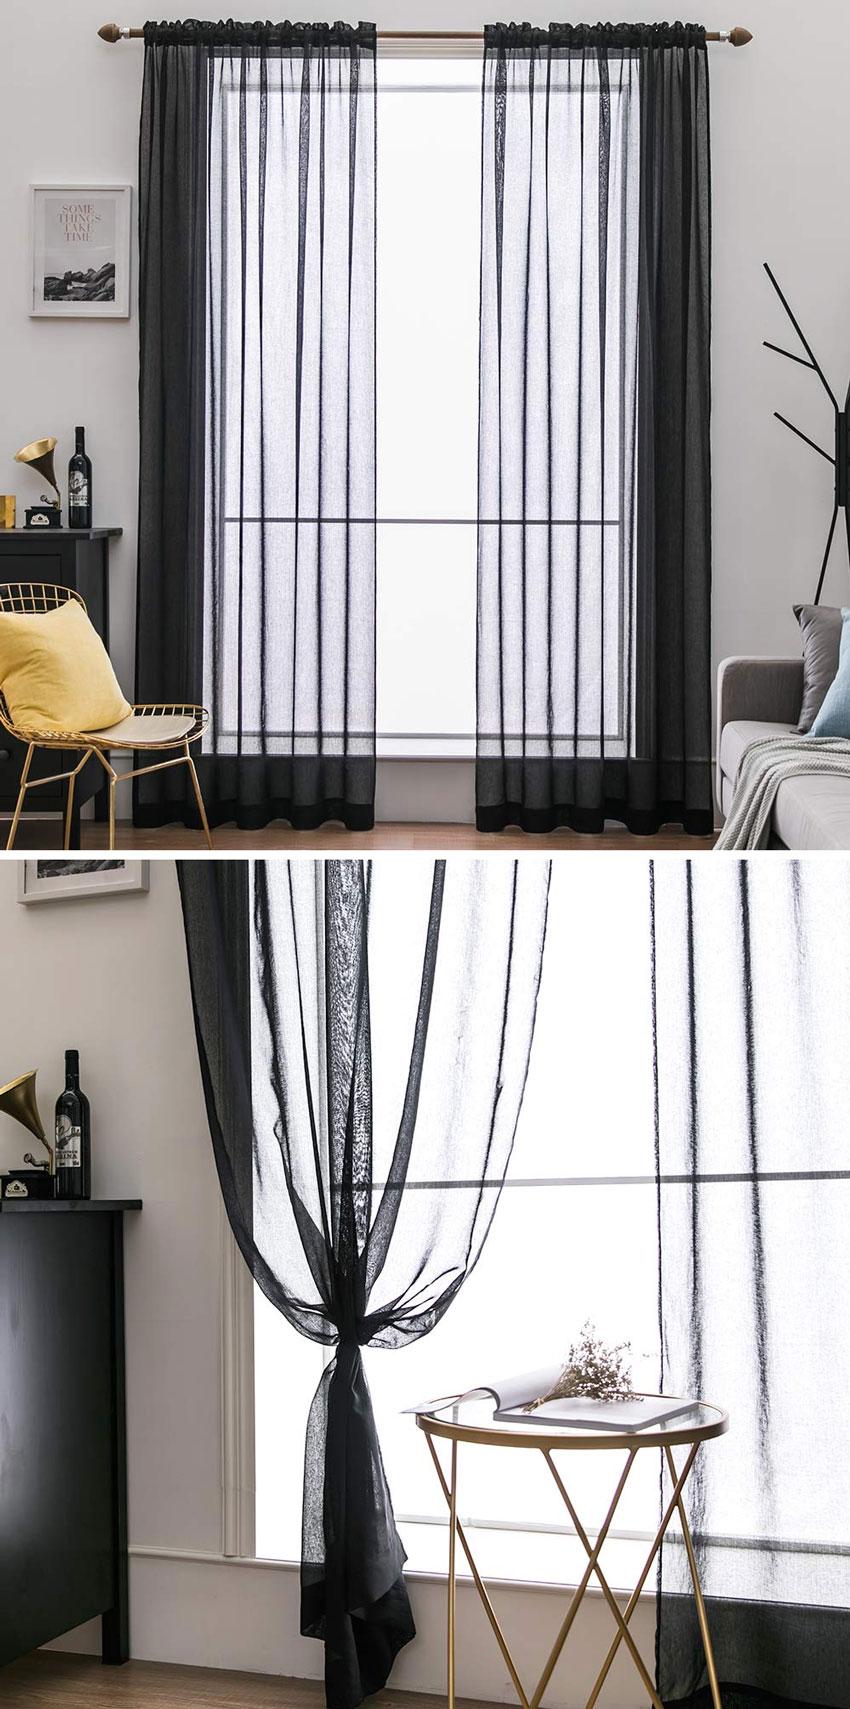 Tende Sala E Cucina le tende per arredare il soggiorno moderno! 18 idee stilose